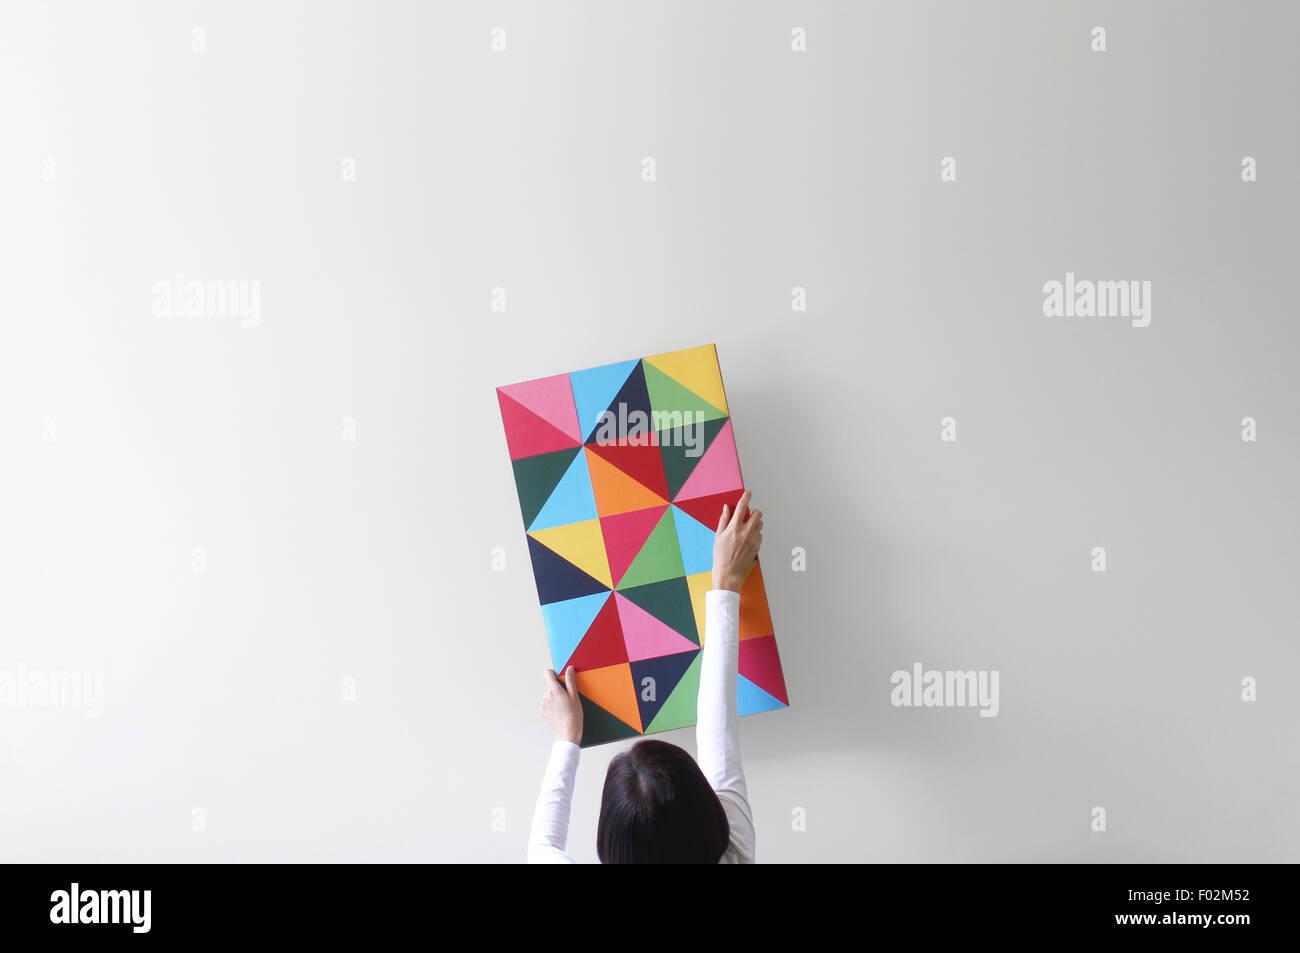 Femme décorant un mur blanc vide avec des œuvres d'art colorées Photo Stock